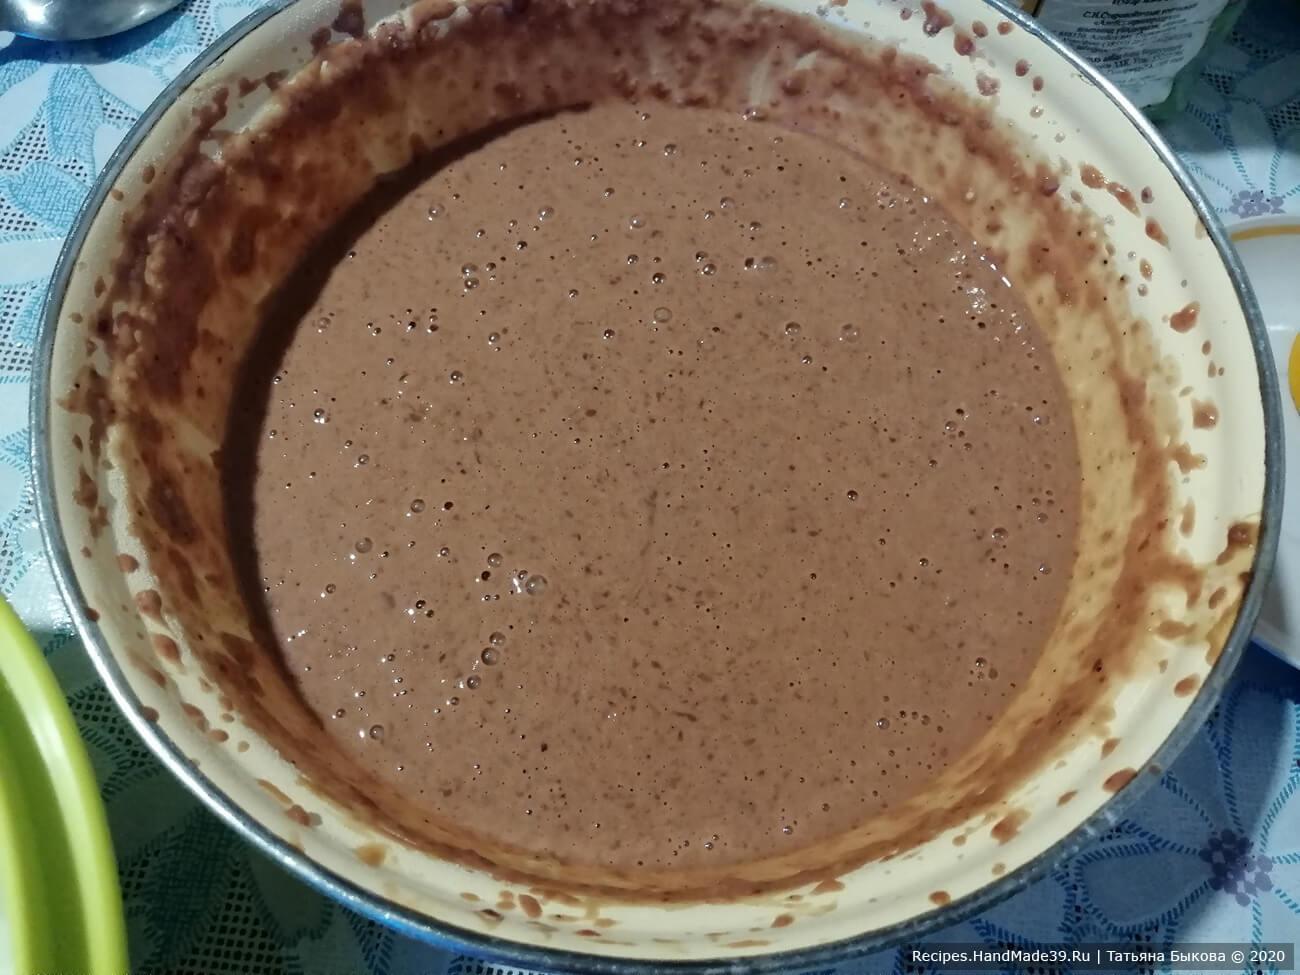 Приготовление печеночного суфле: добавить к печени сливки, растительное масло и коньяк. Всё измельчить в блендере